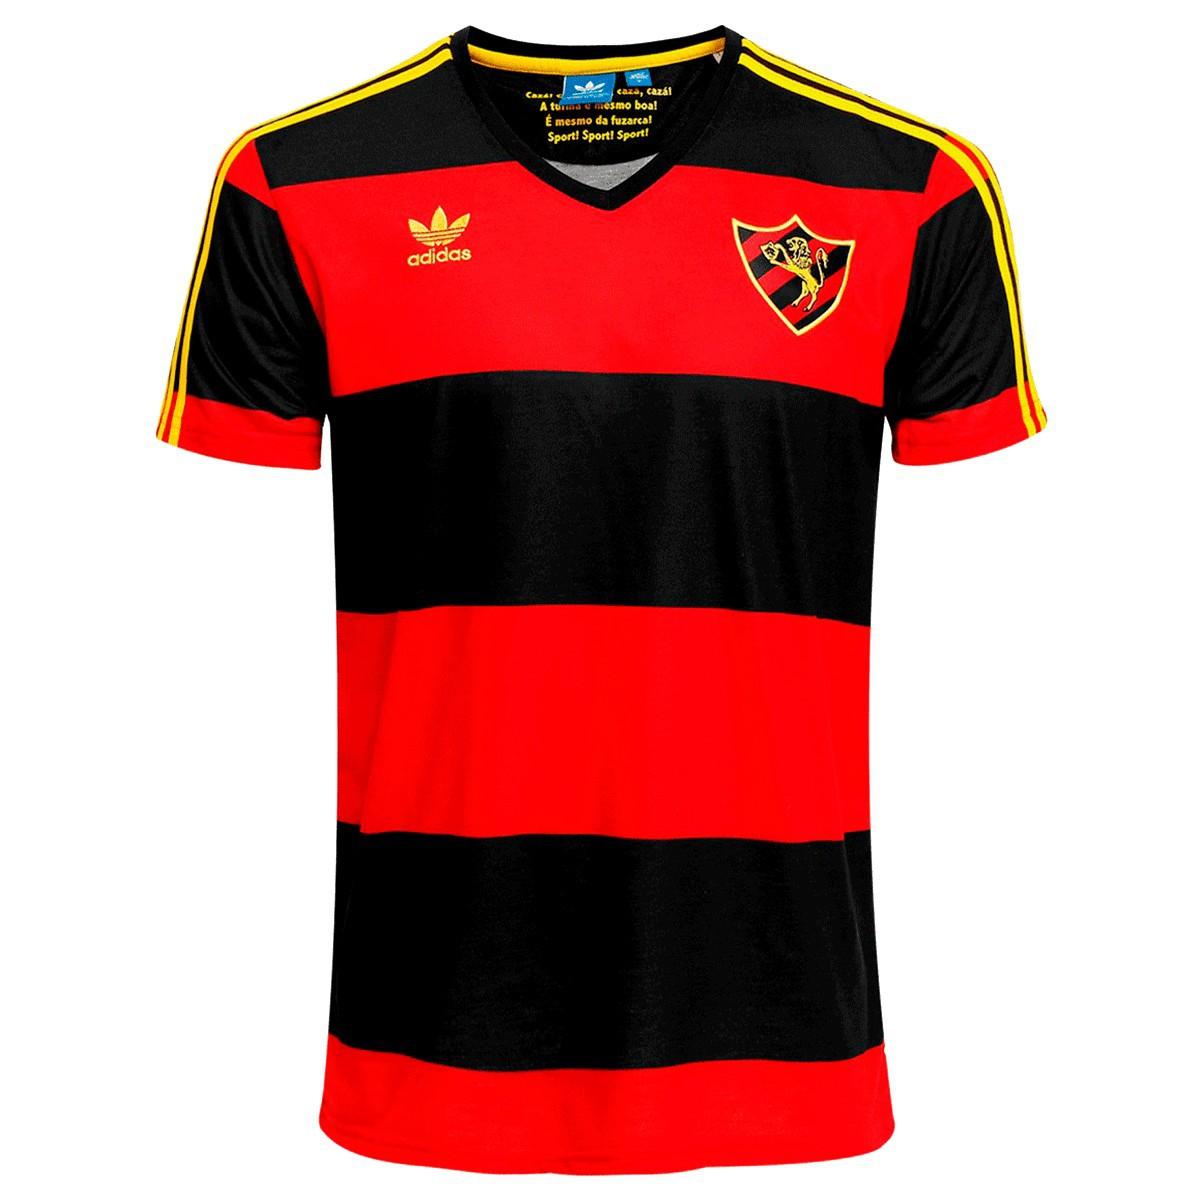 Camisa Sport Recife Adidas Comemorativa 110 anos